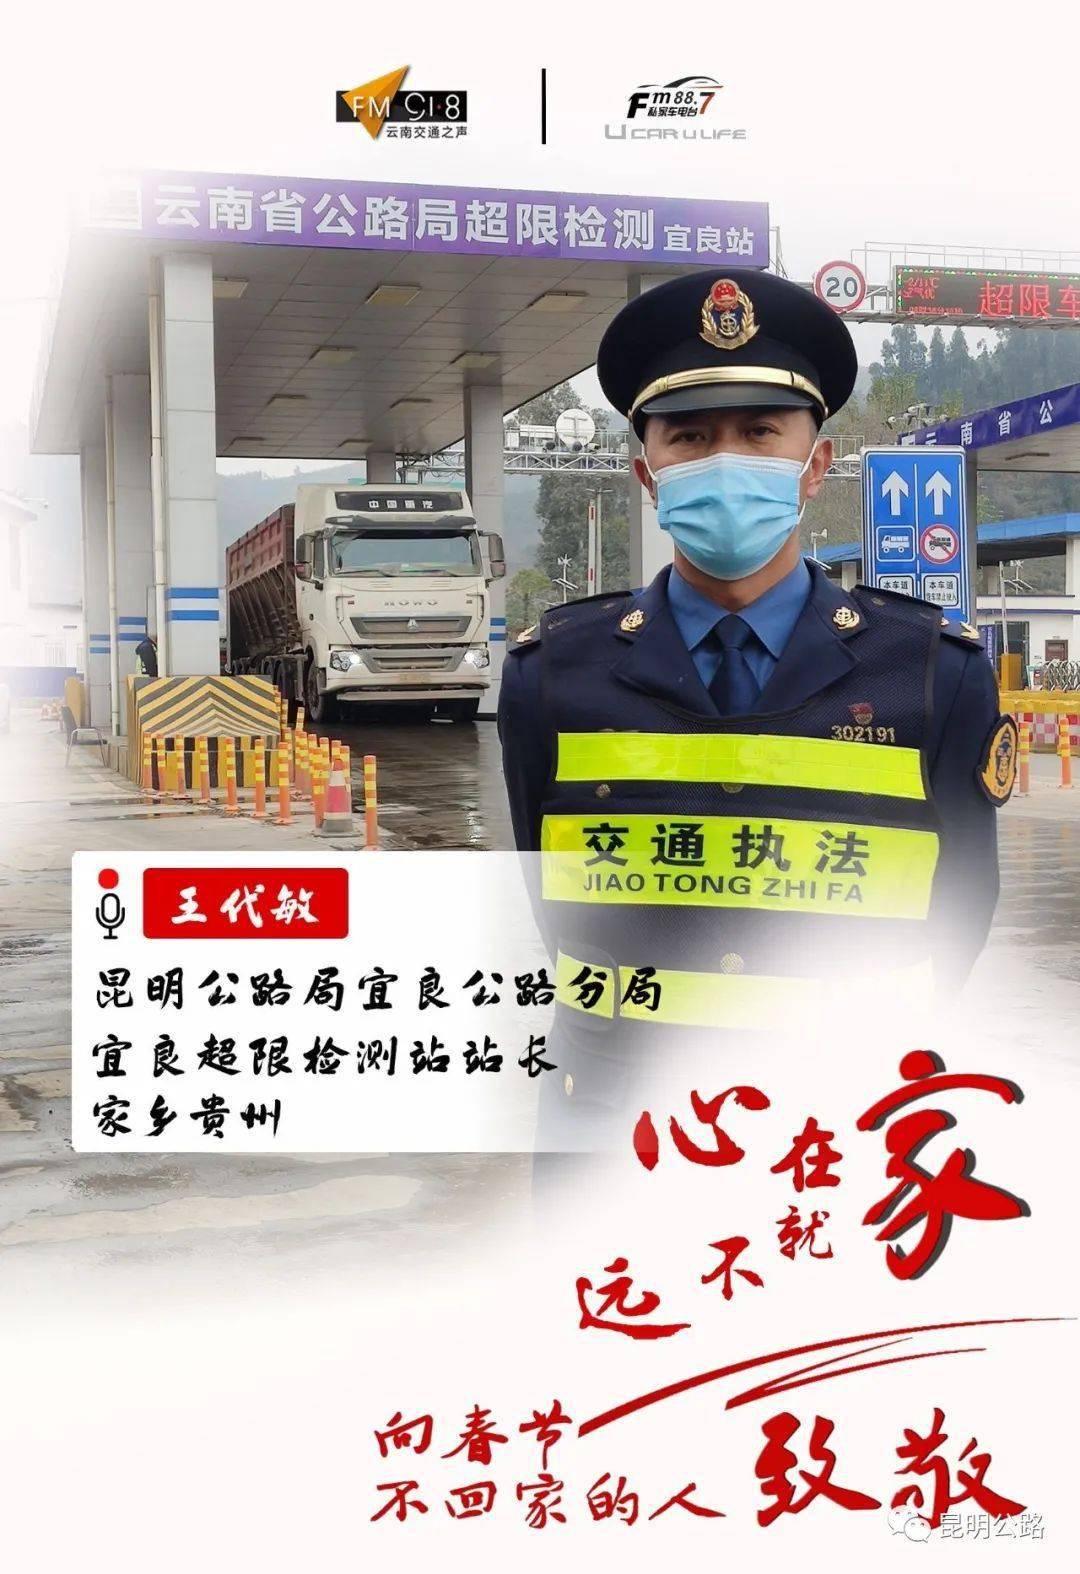 """【疫情防控】昆明公路局""""就地过年、坚守岗位""""海报、视频"""